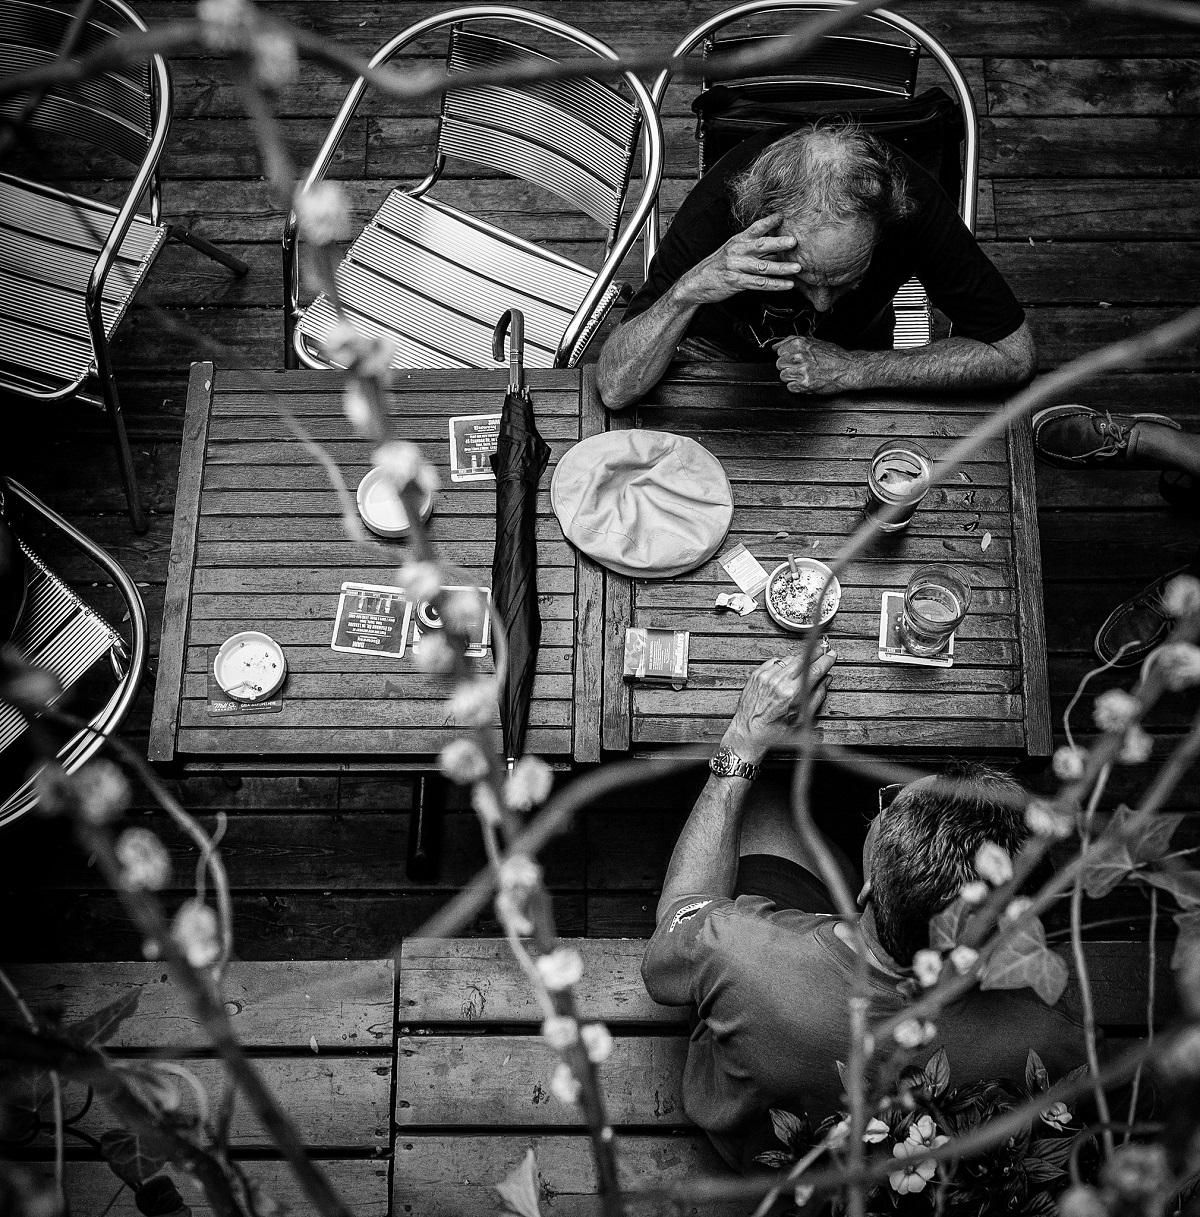 Flickr - Old Friends - John Salvino